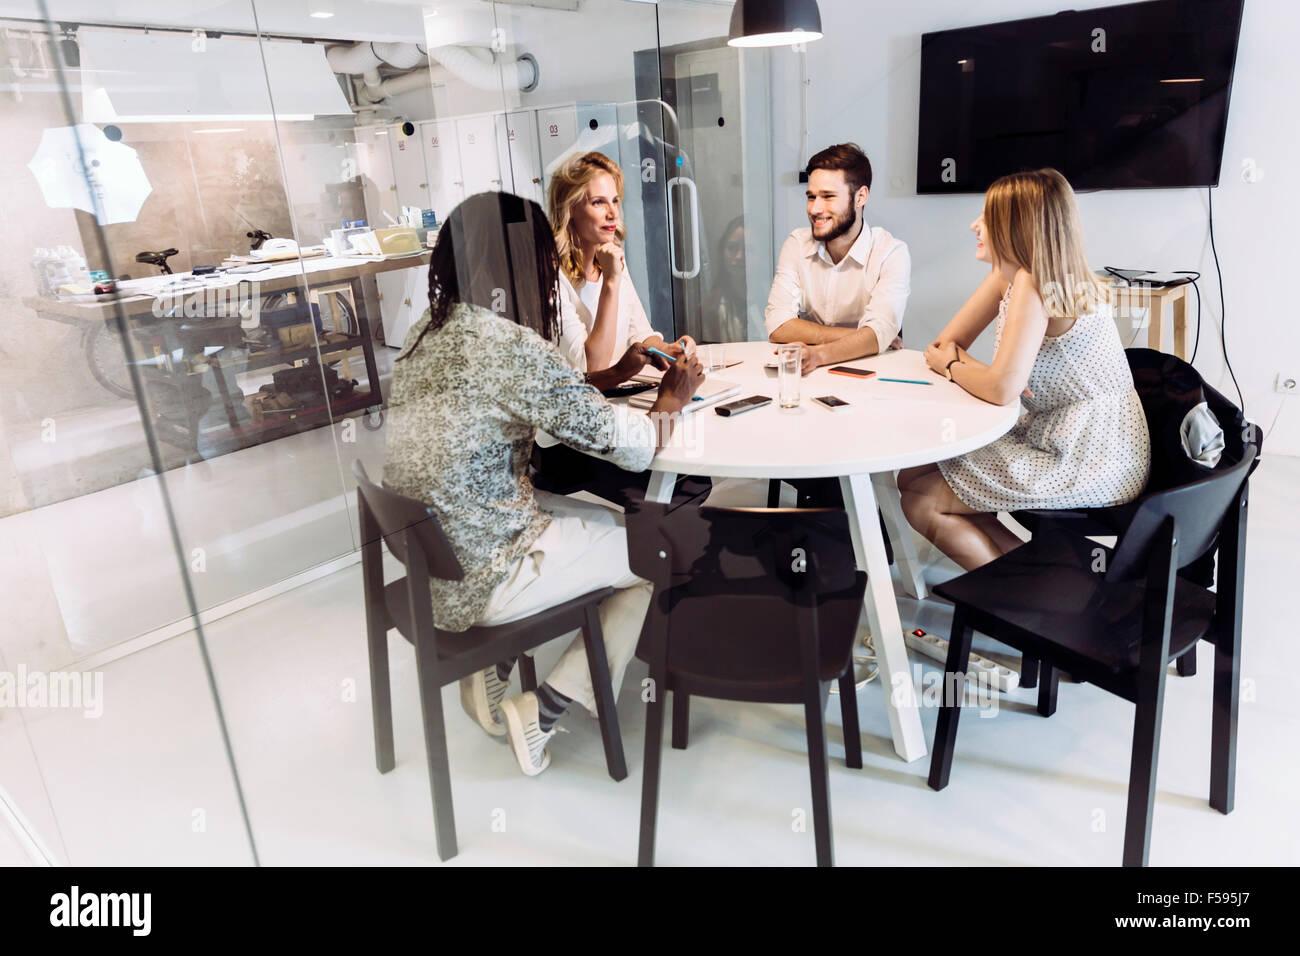 Mitarbeiter mit einem Treffen beim Sitzen an einem schönen Bürotisch Stockbild